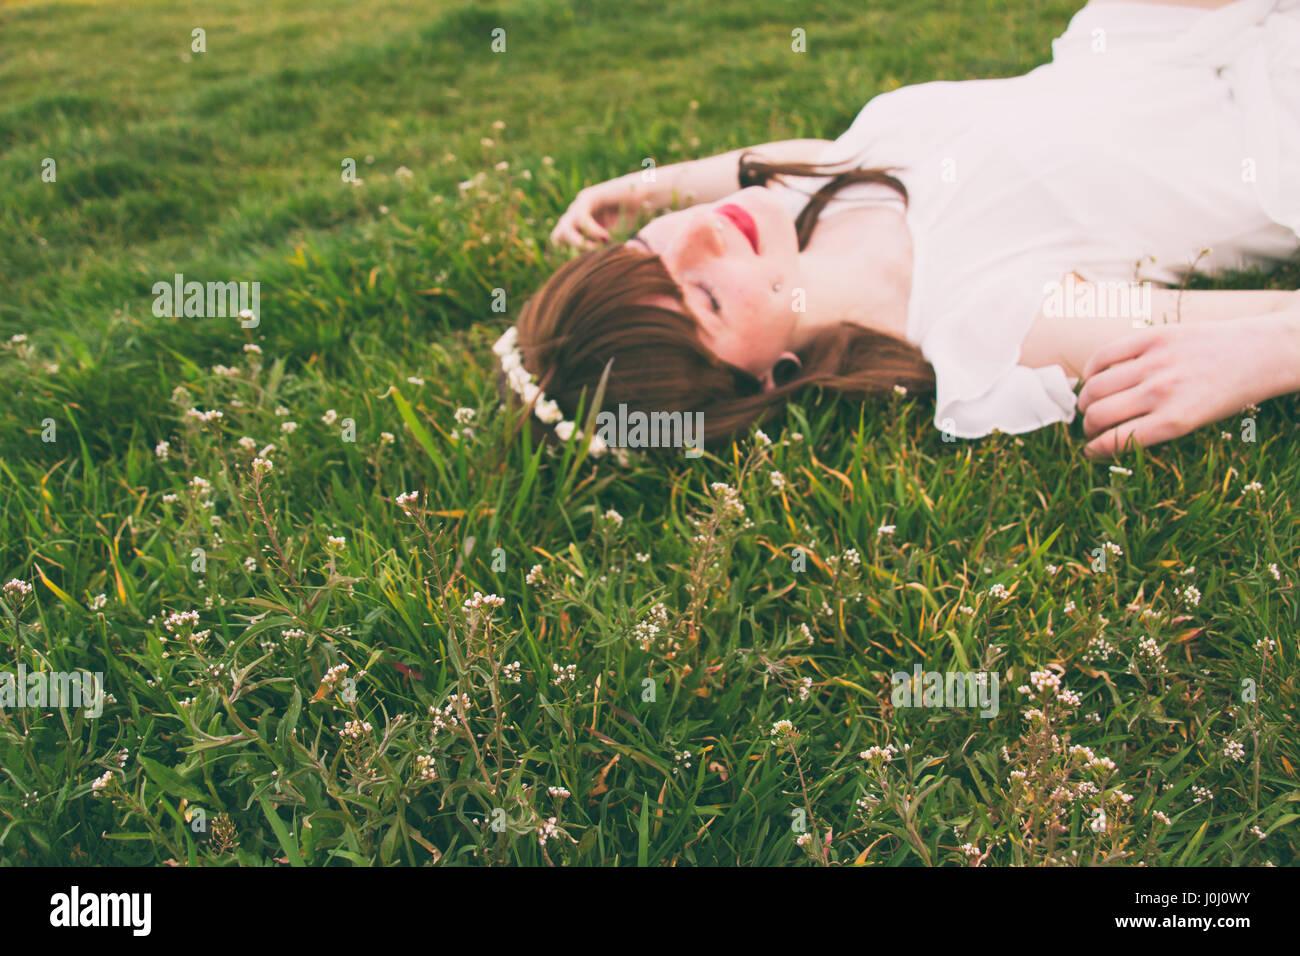 Jungen Hippie-Frau schläft auf der grünen Wiese Stockfoto